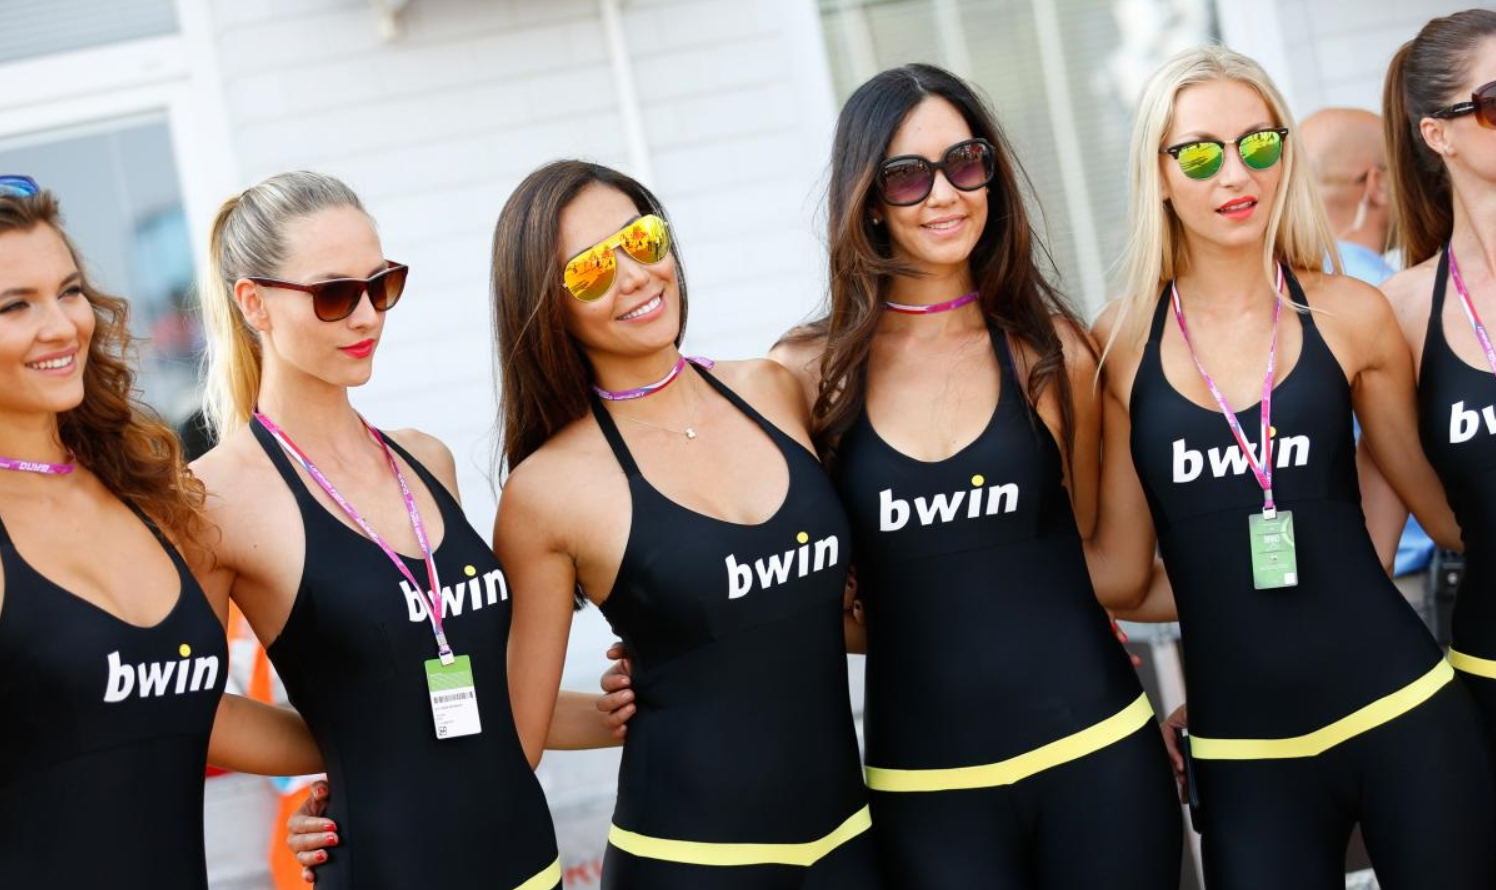 Numéro 2. Bwin paris sportifs pour plus de plaisir